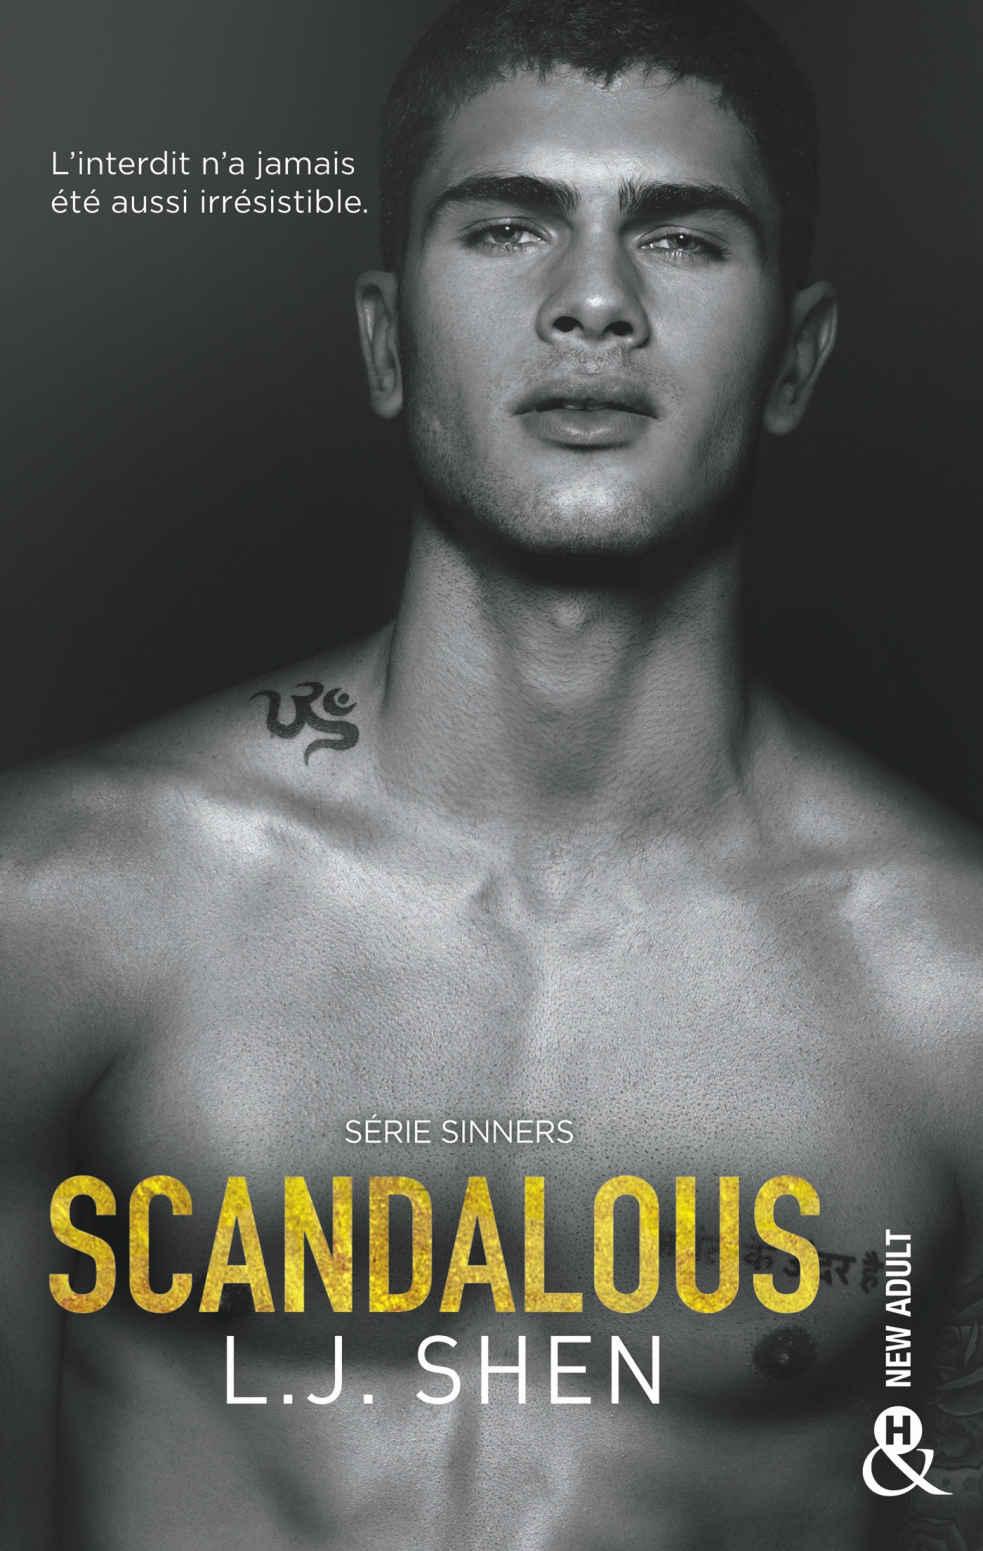 SHEN L.J. - Scandalous 12911710